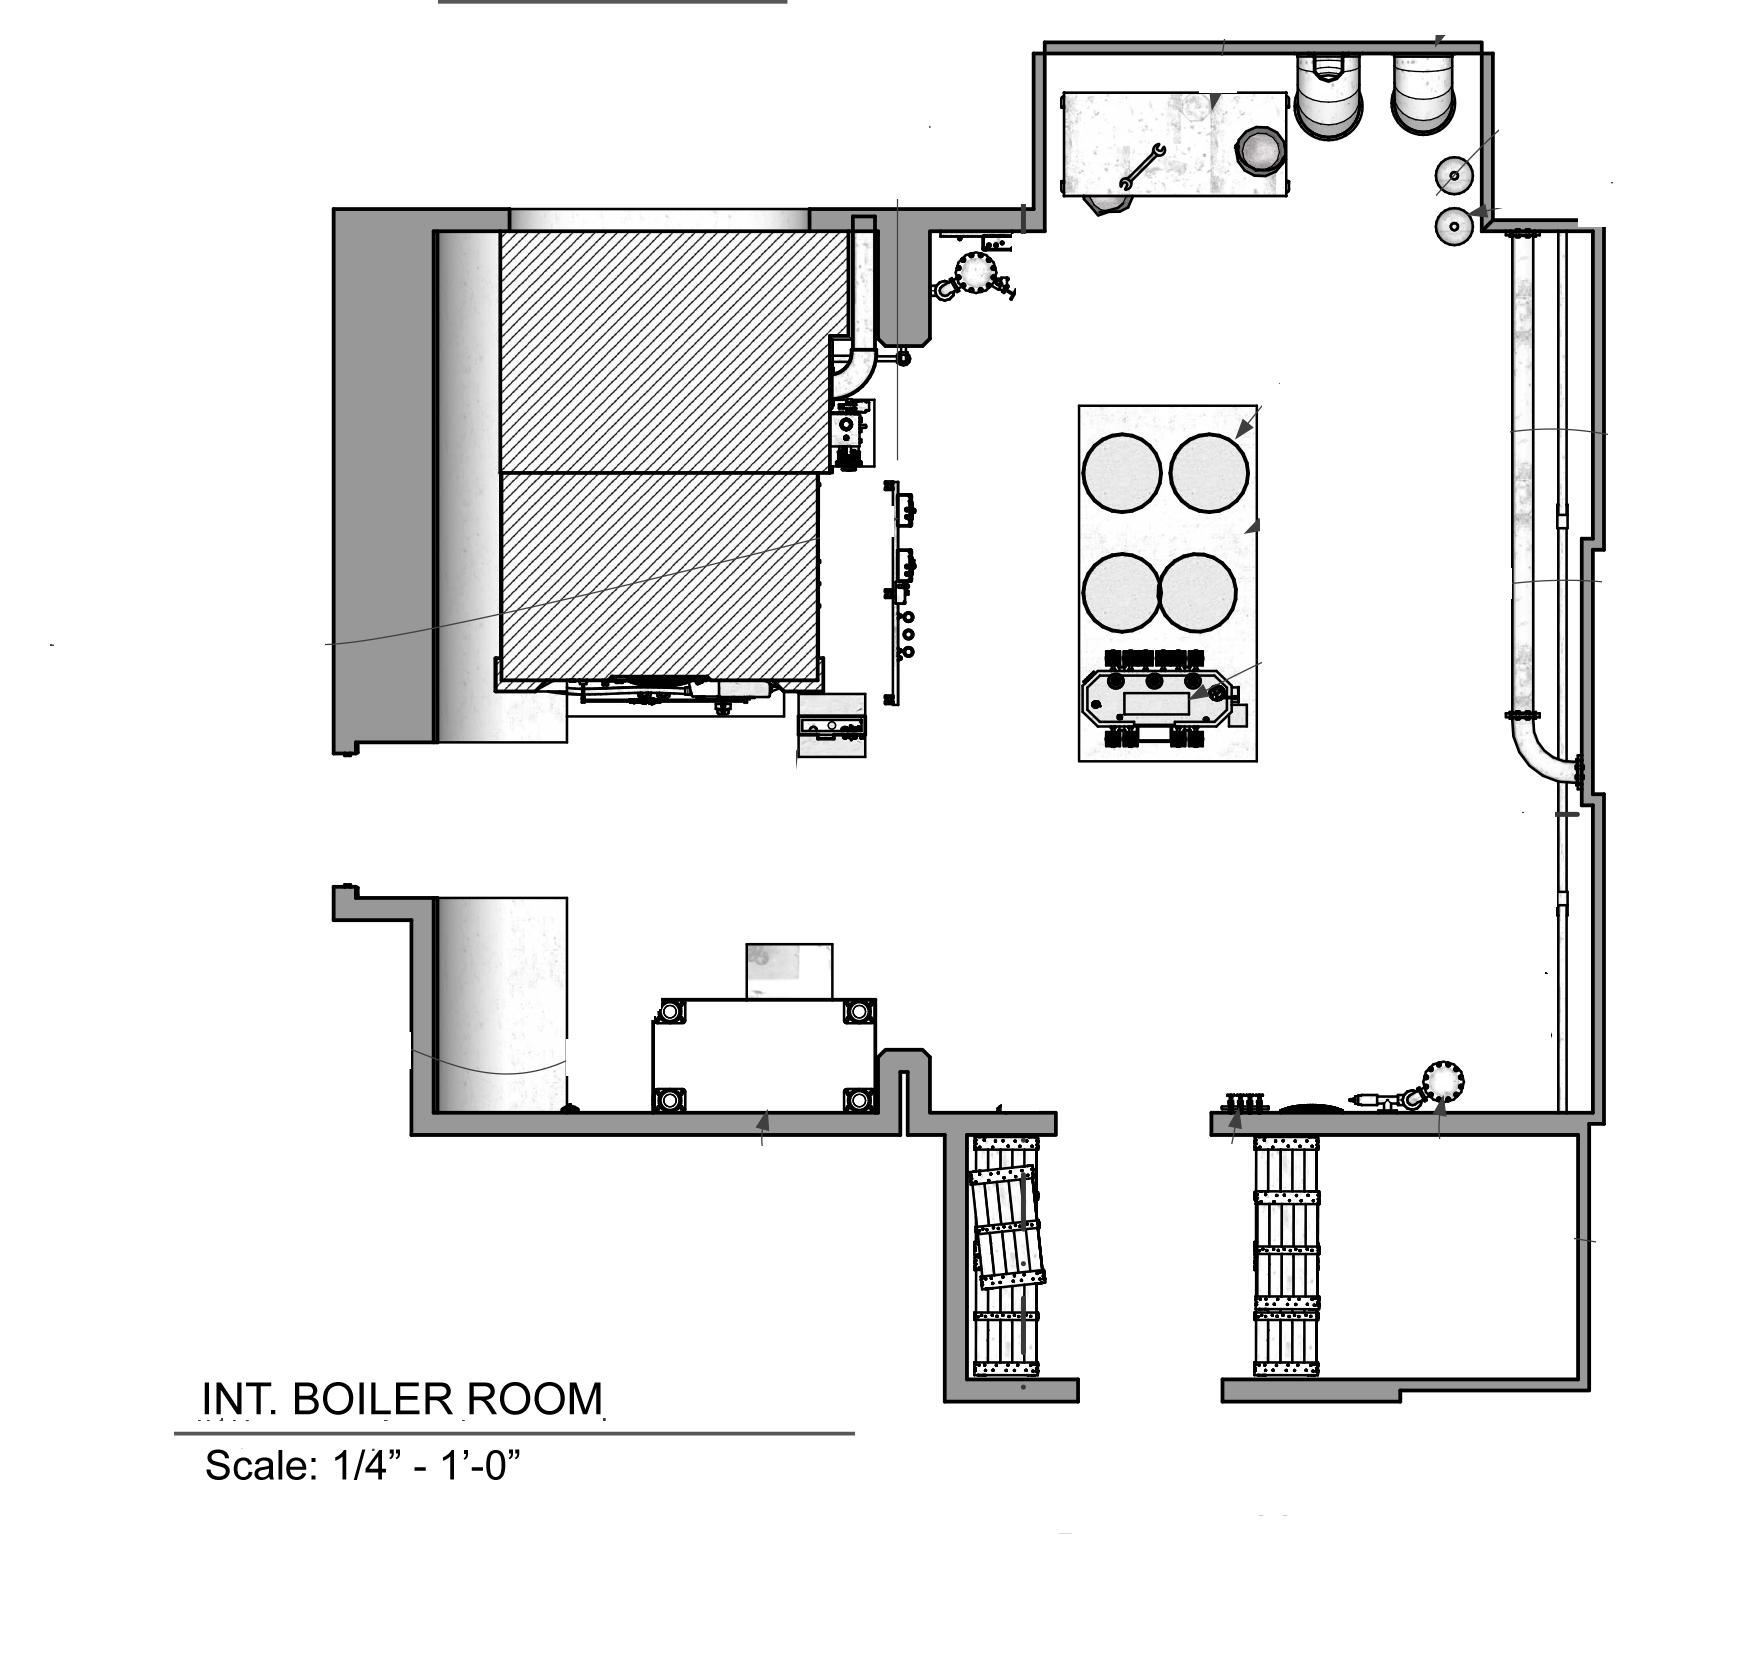 HS1_SET_Int. Boiler Room_0822_v3_jw-4.jpg